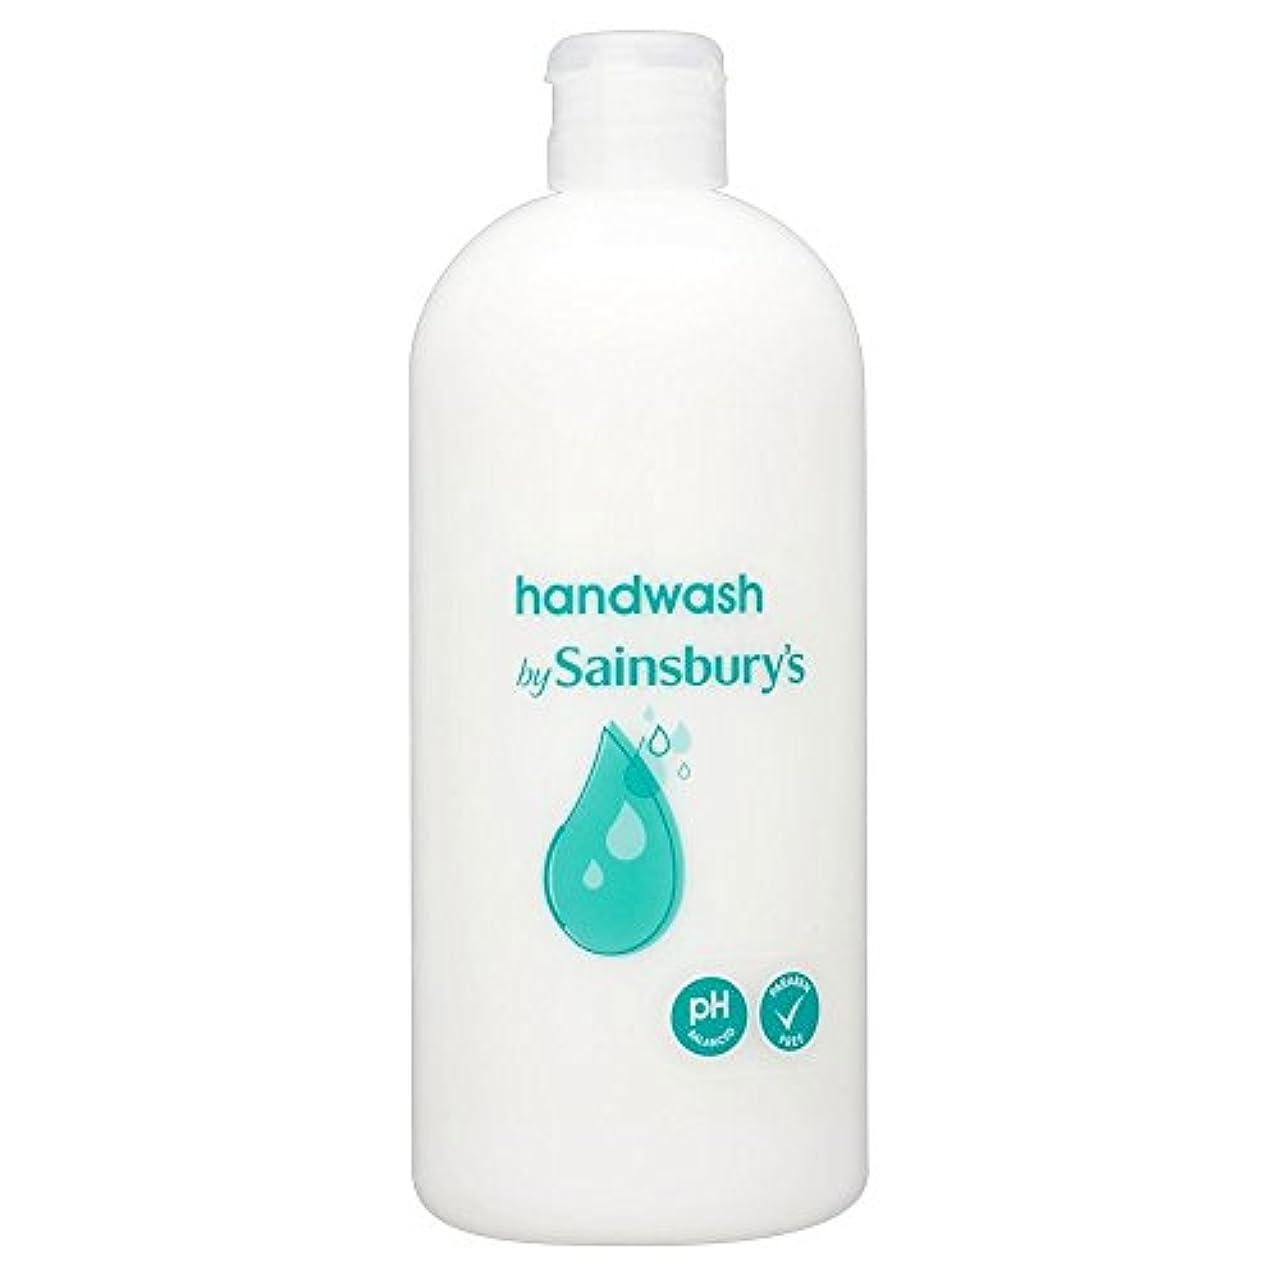 メトリック住人運ぶSainsbury's Handwash, White Refill 500ml (Pack of 2) - (Sainsbury's) 手洗い、白リフィル500ミリリットル (x2) [並行輸入品]